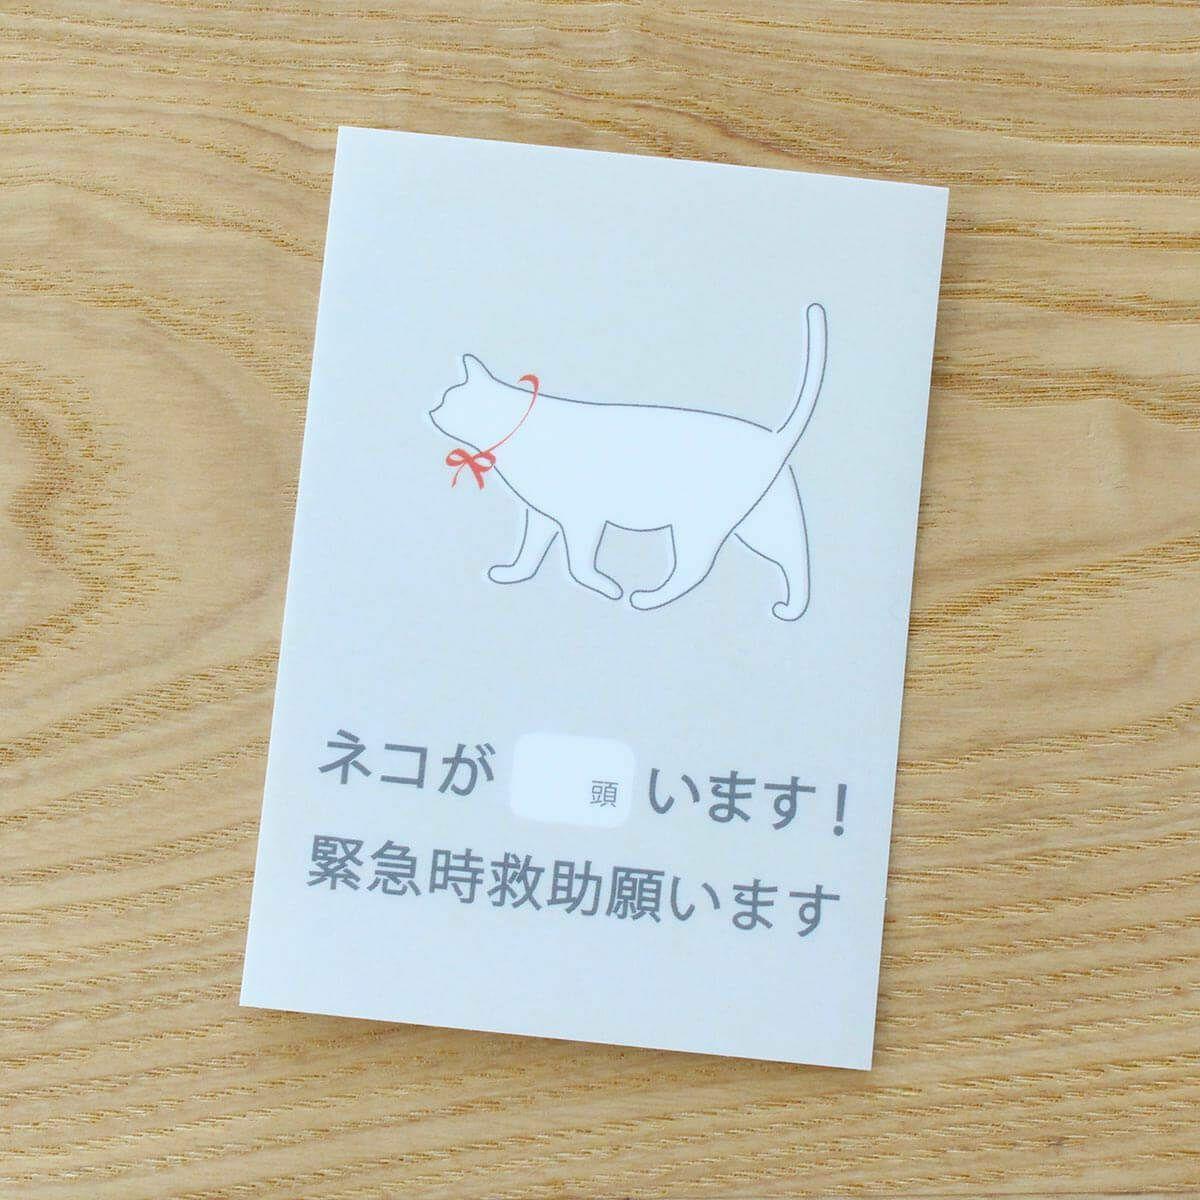 ネコがいることを知らせる「ネコ救助願いステッカー」